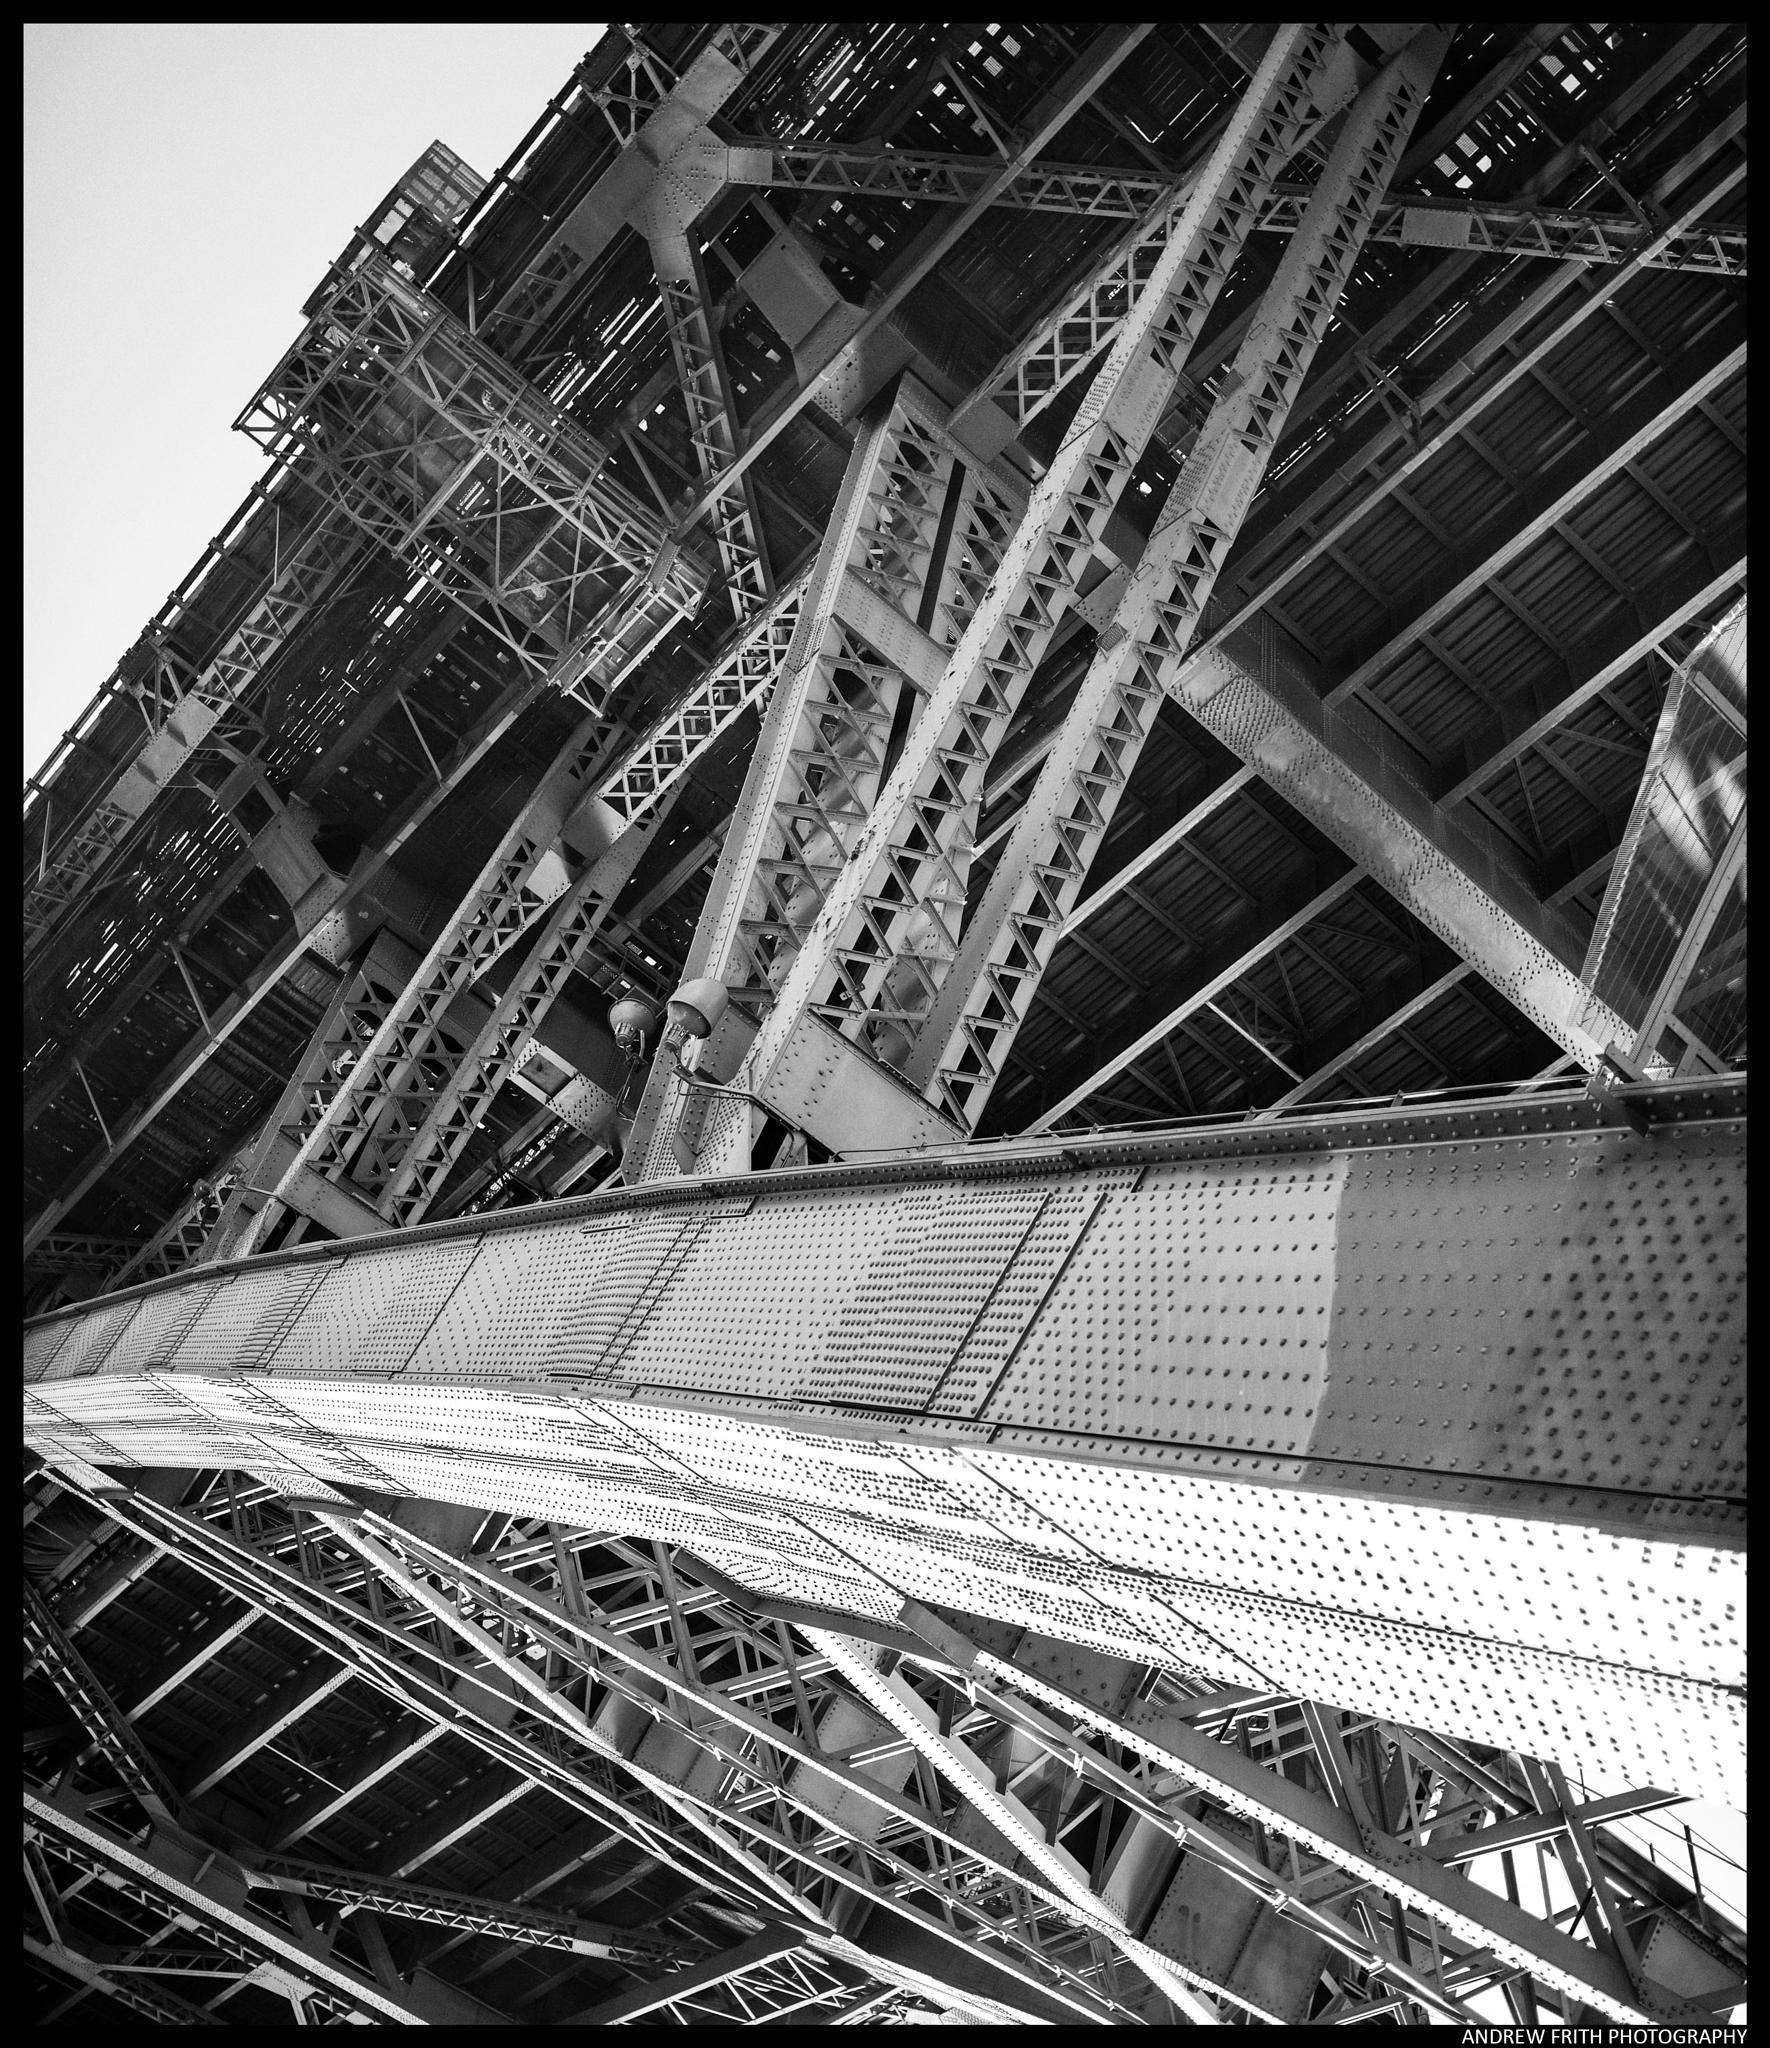 Sydney Harbour Bridge. Australia by andrewfrith